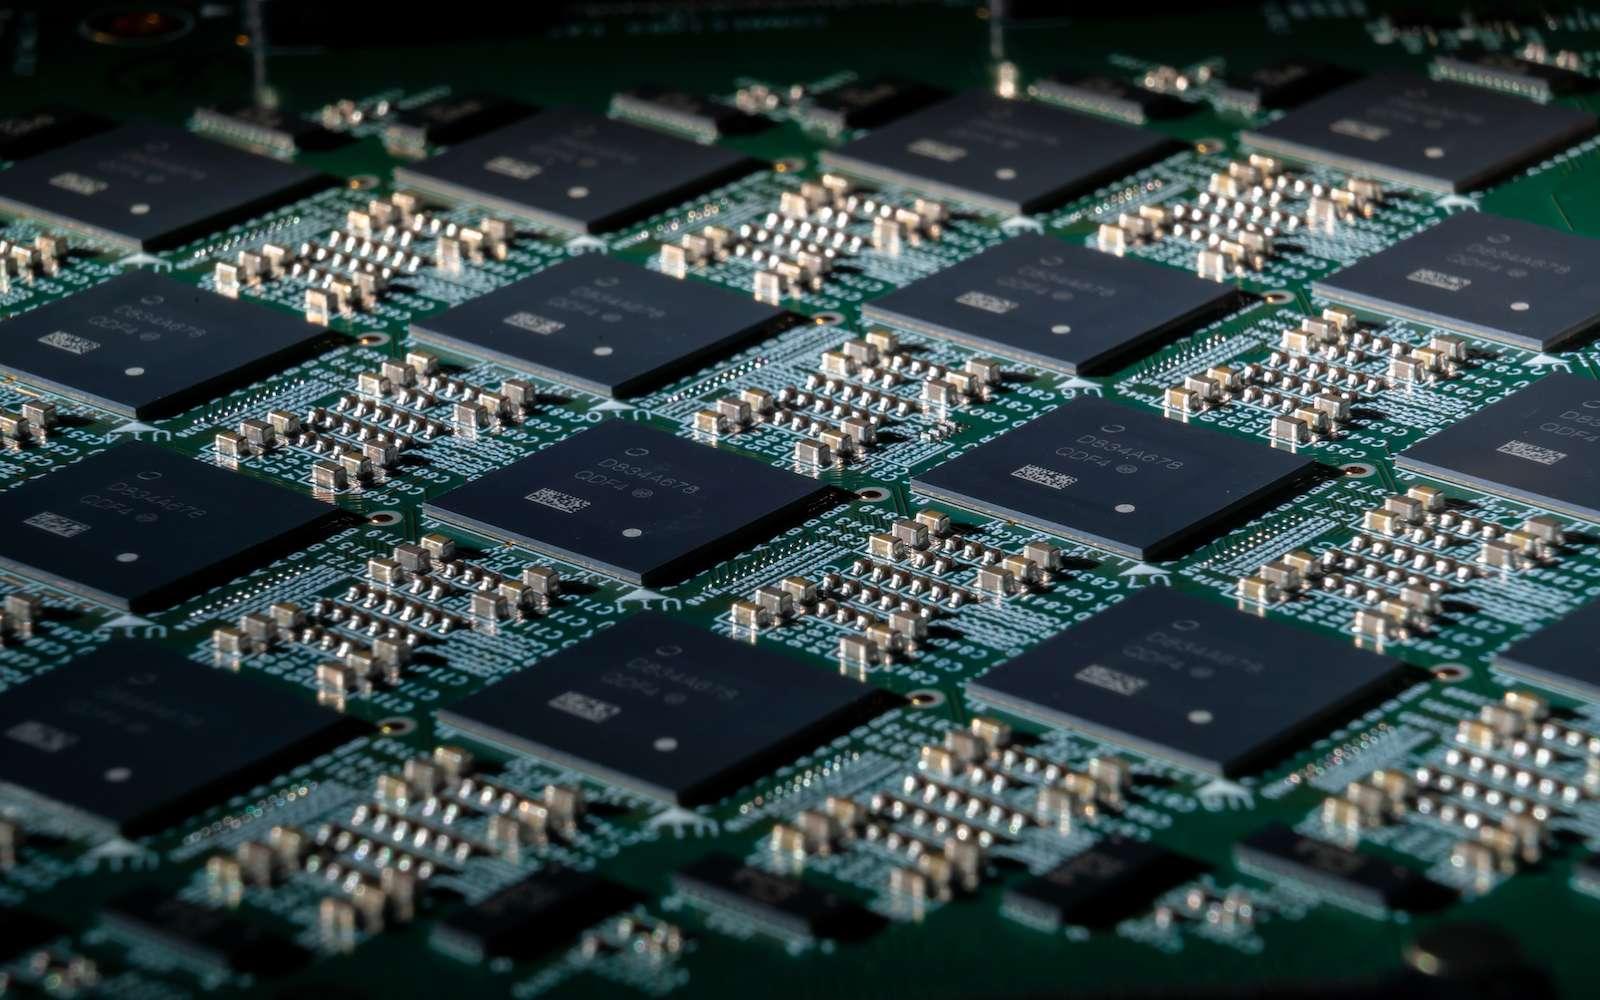 64 processeurs sont nécessaires pour atteindre le nombre de huit millions de neurones. © Intel